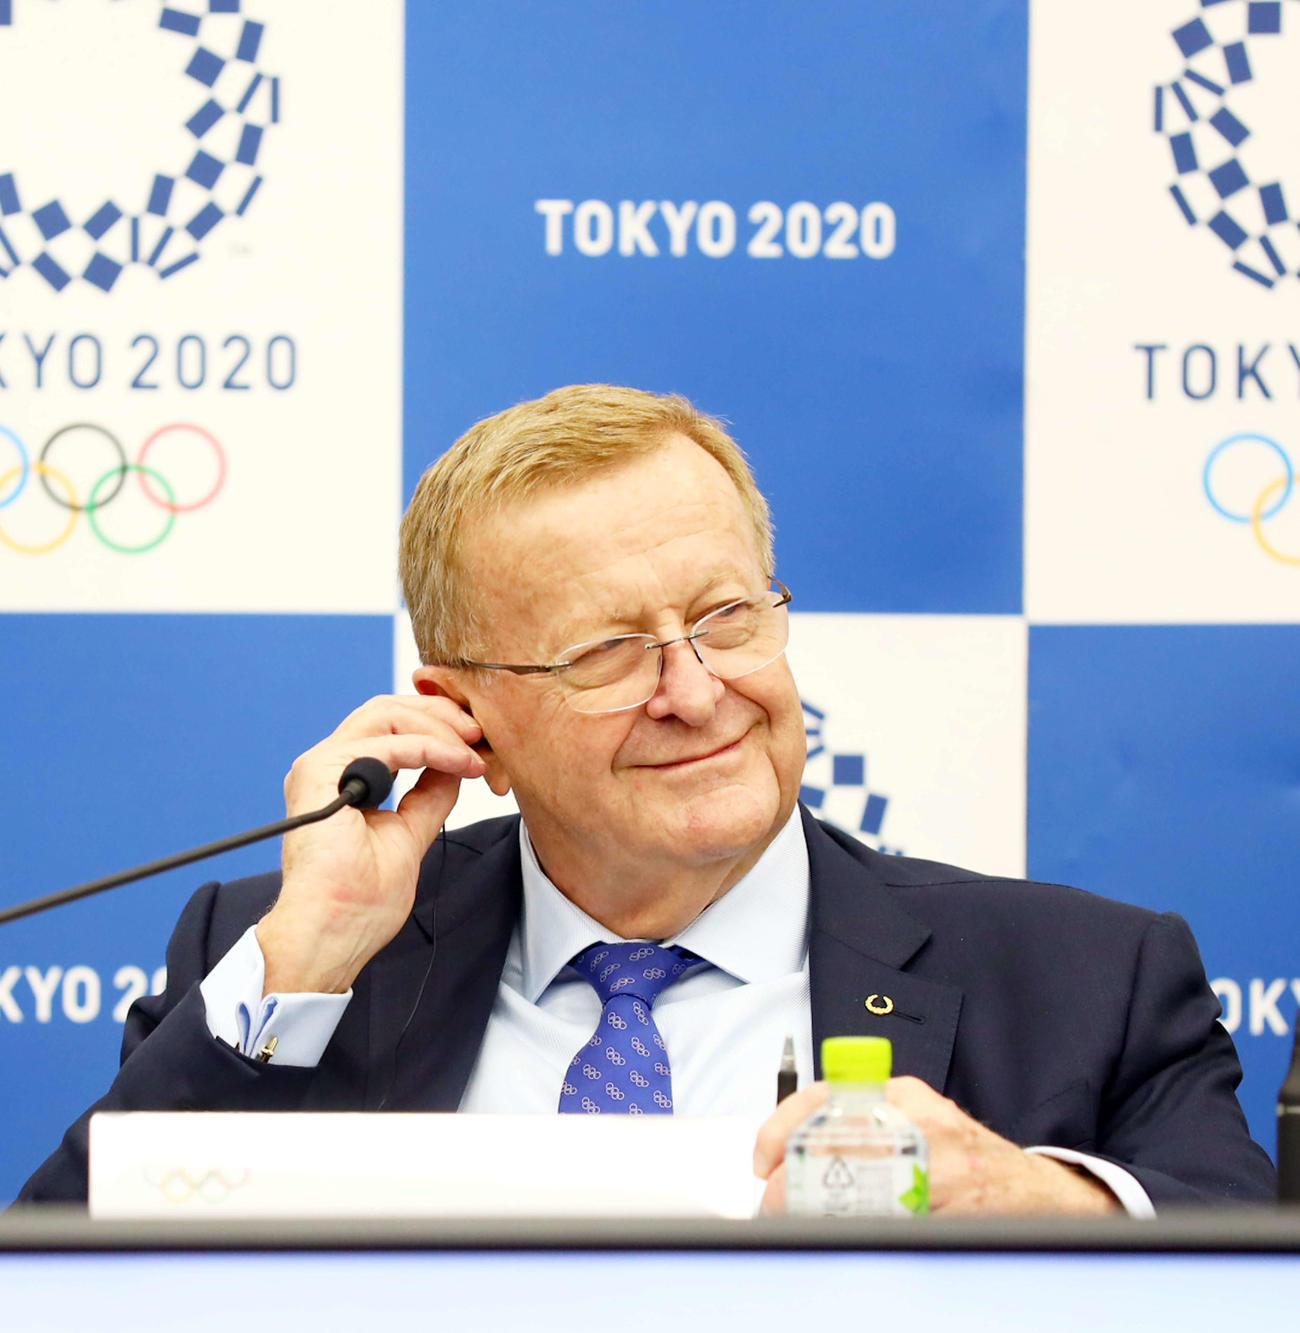 オリンピック Ioc